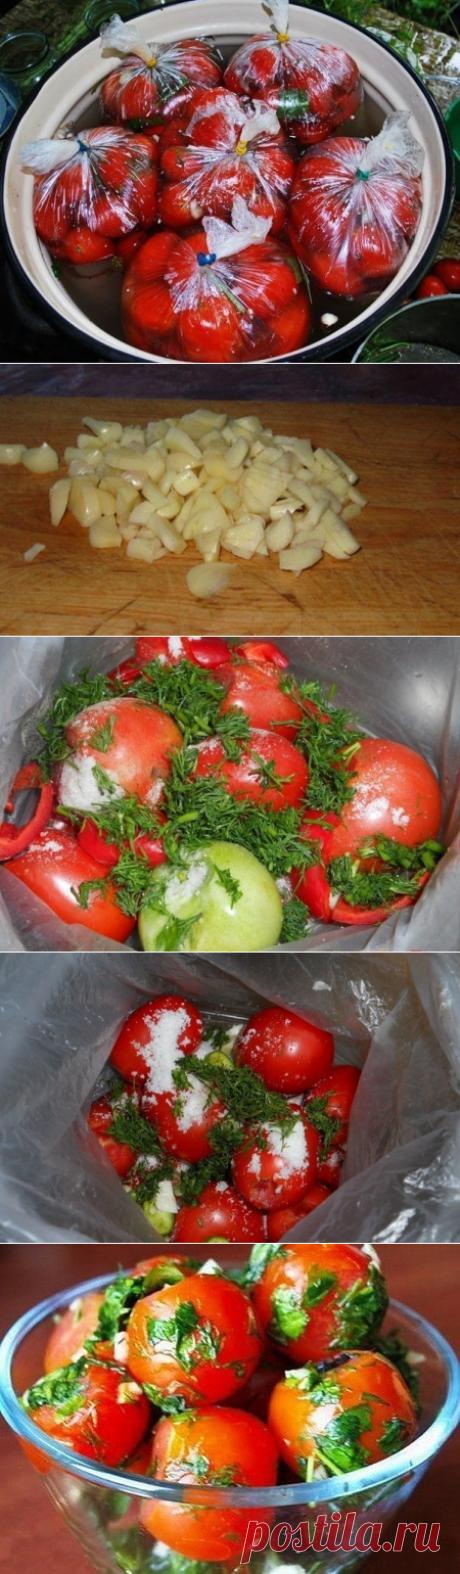 Как приготовить помидоры в пакетах - рецепт, ингредиенты и фотографии